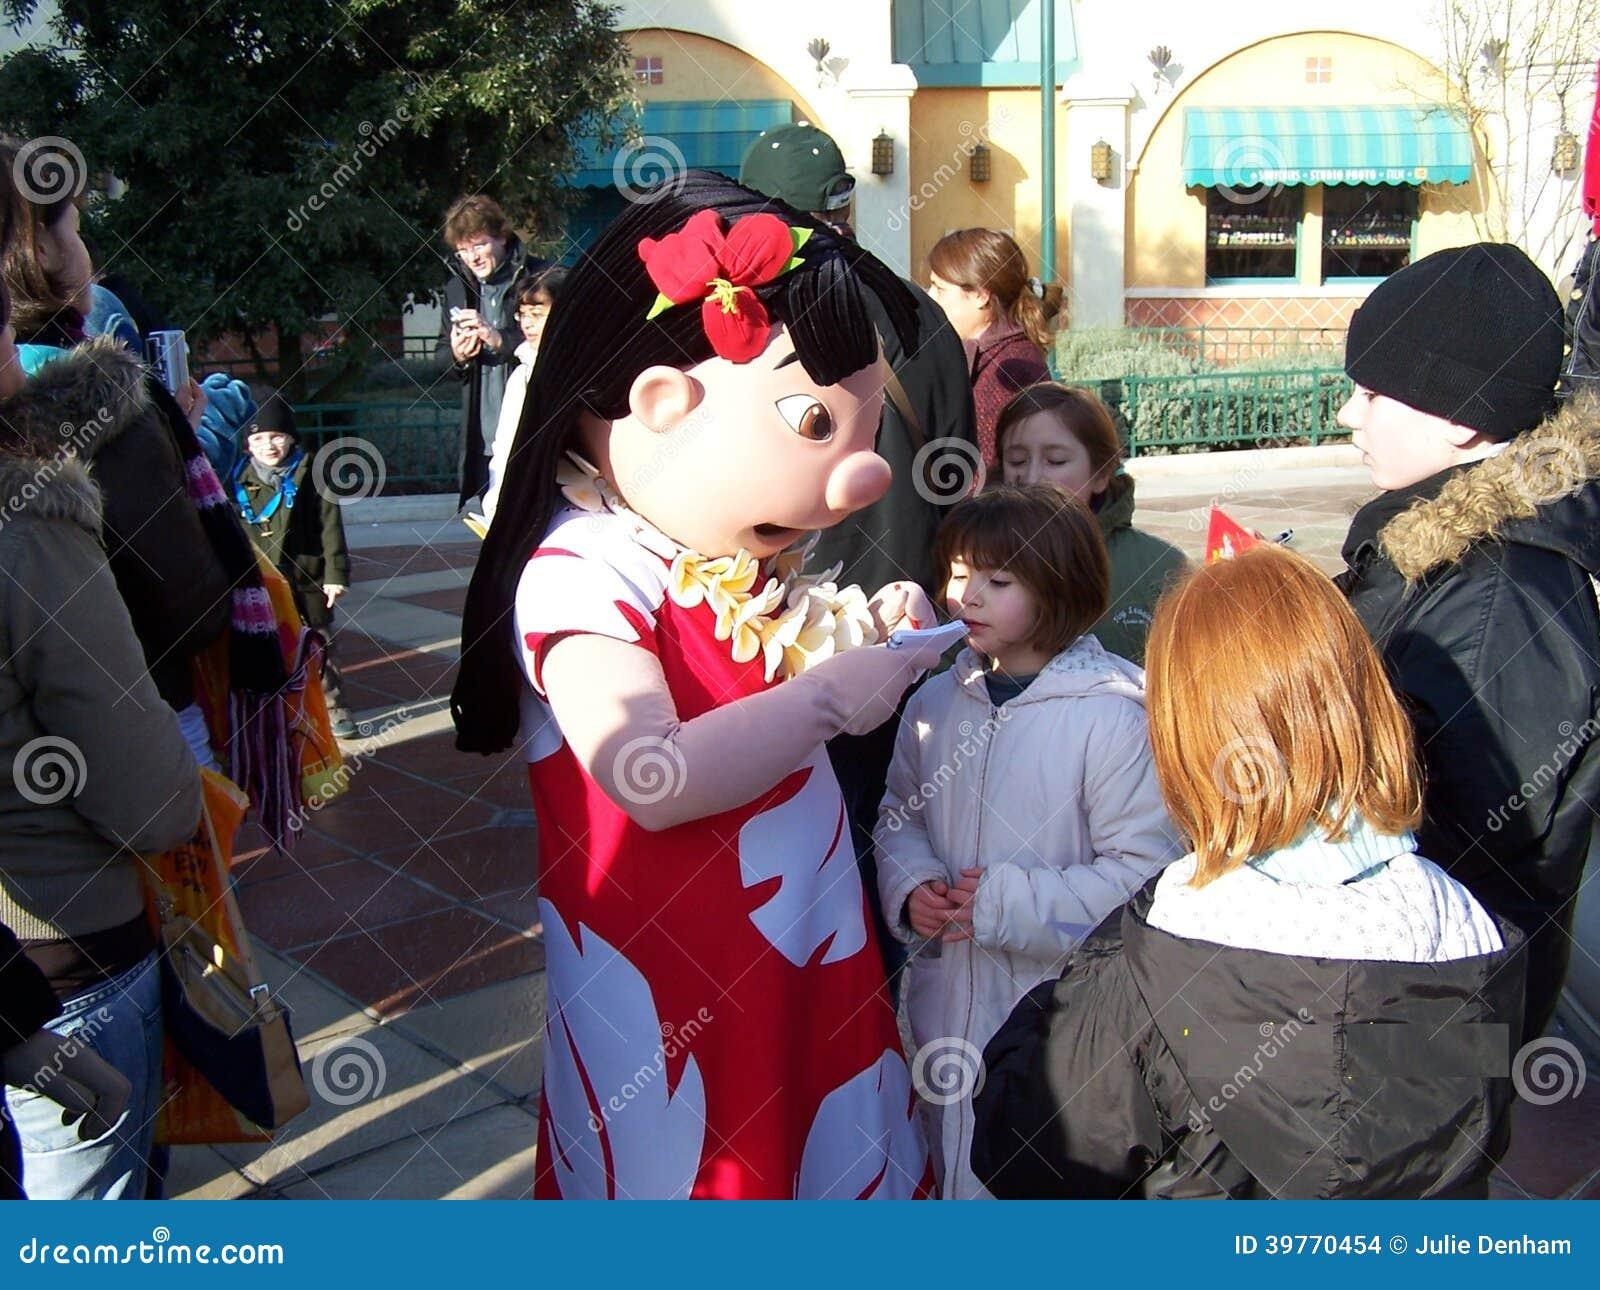 Disneyland Paris Lilo Signing Autographs For Fans